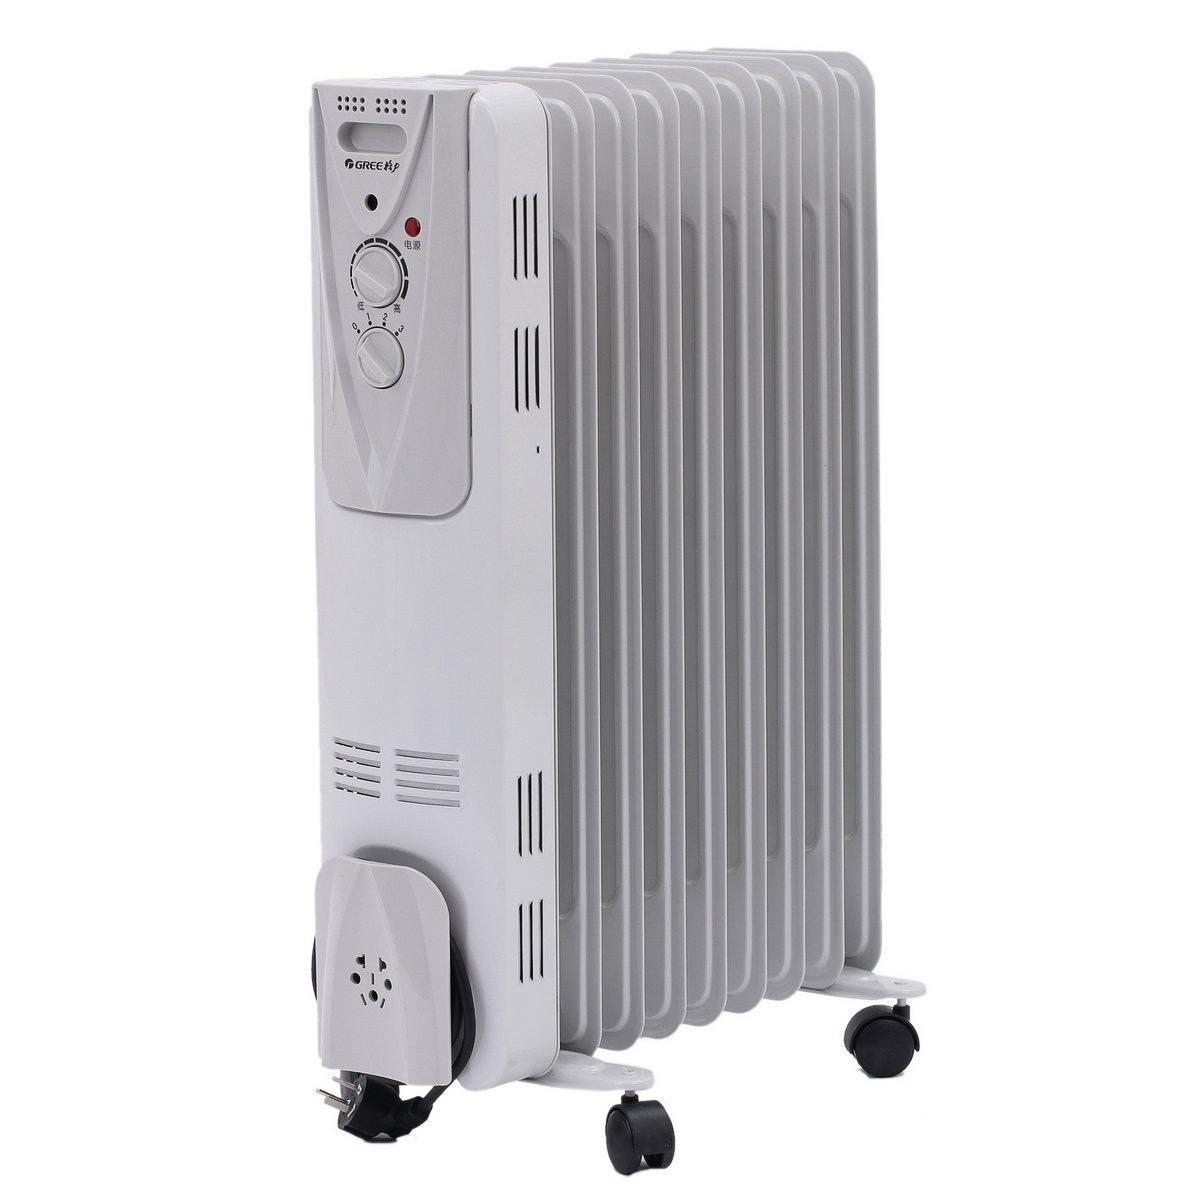 格力电暖器怎么样_gree格力电暖器ndyq-18